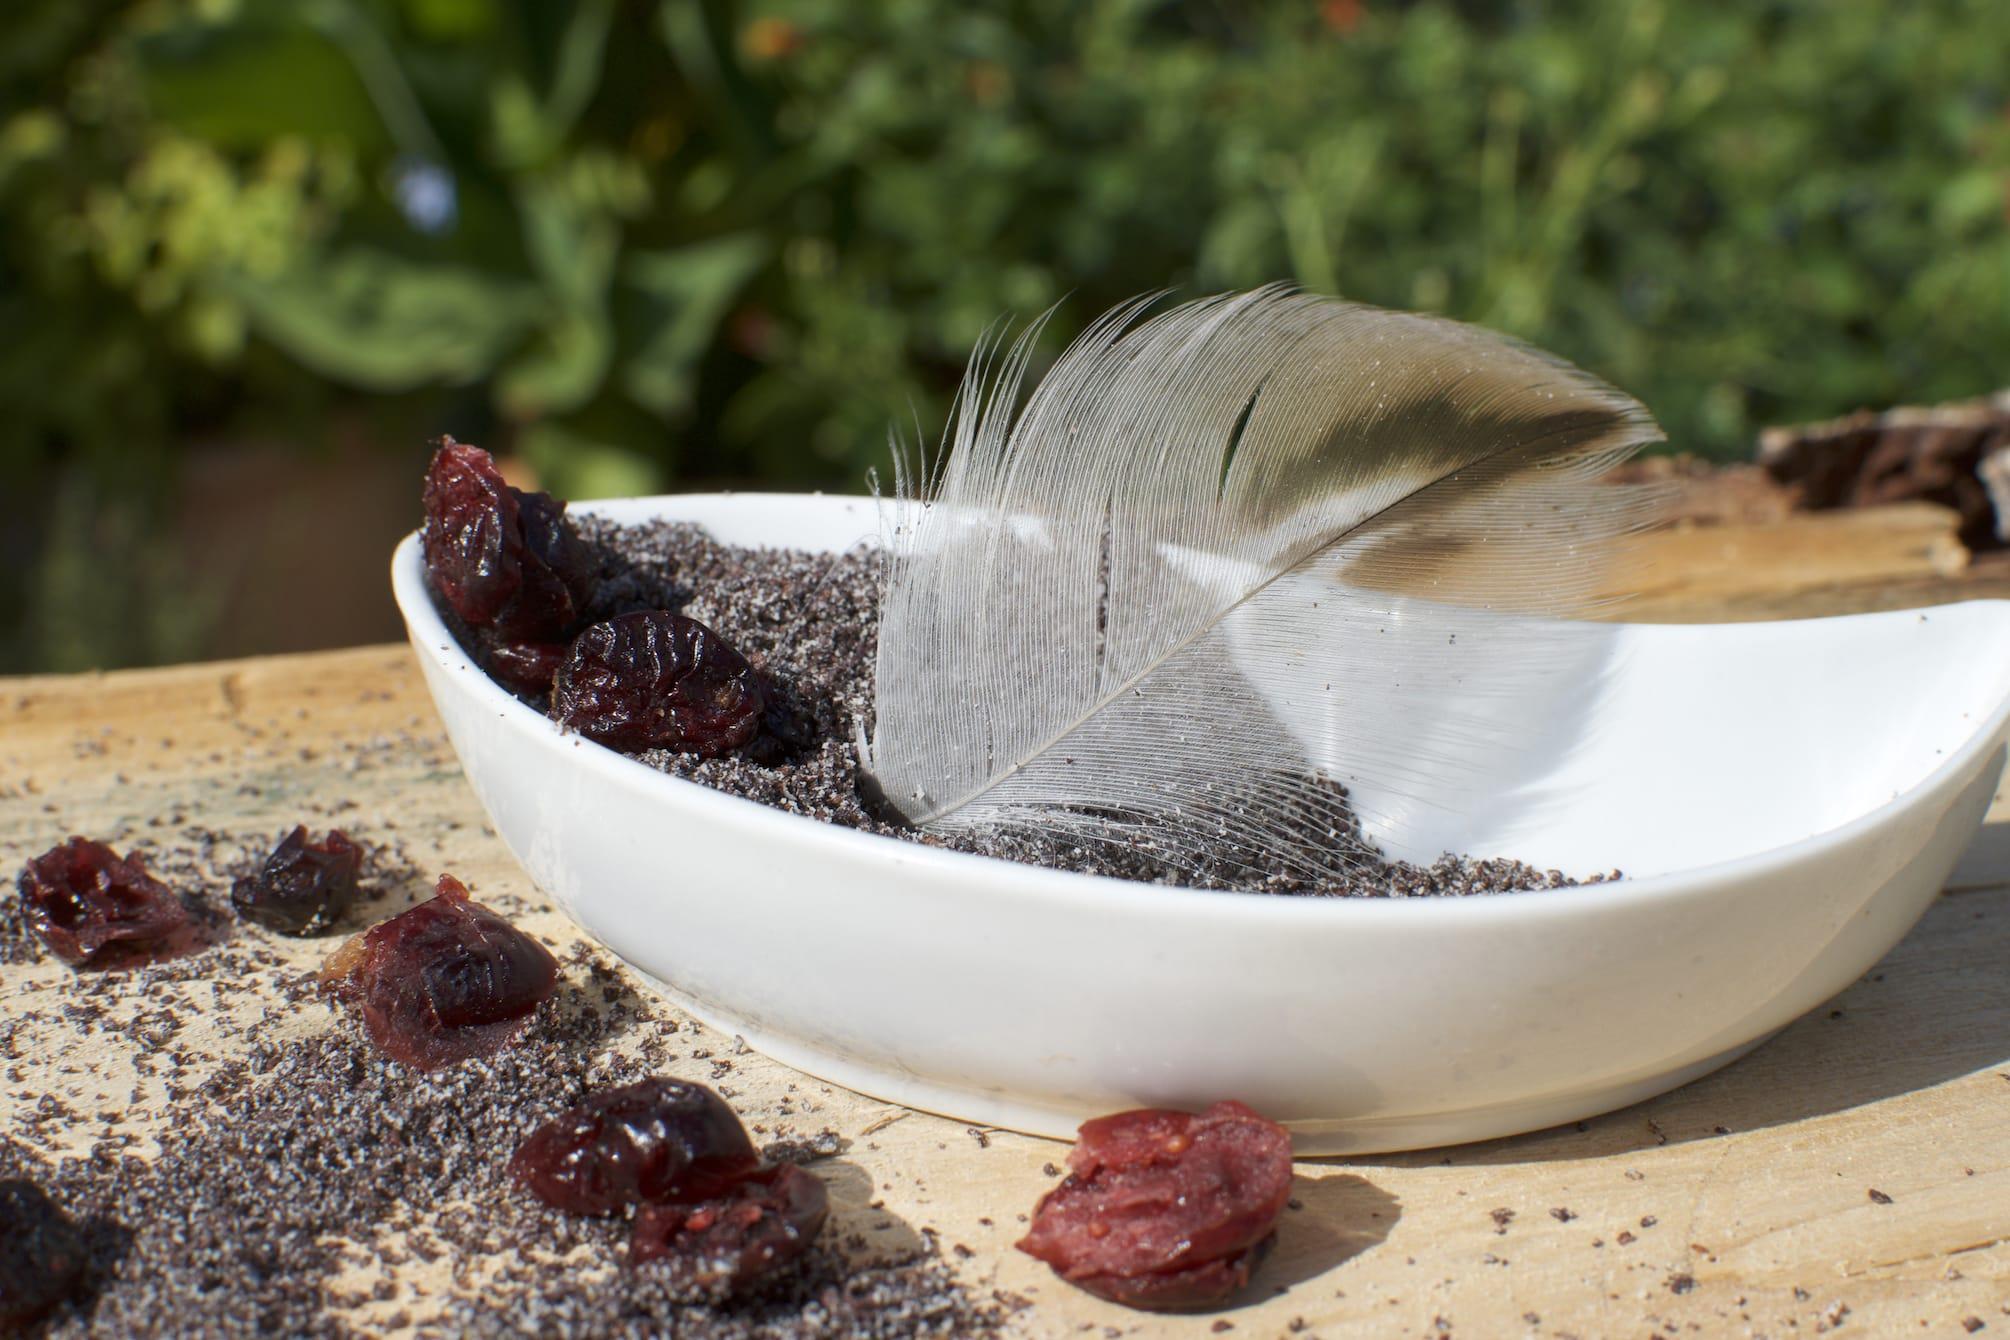 Feder in weißer Schüssel mit Mohn und Cranberries